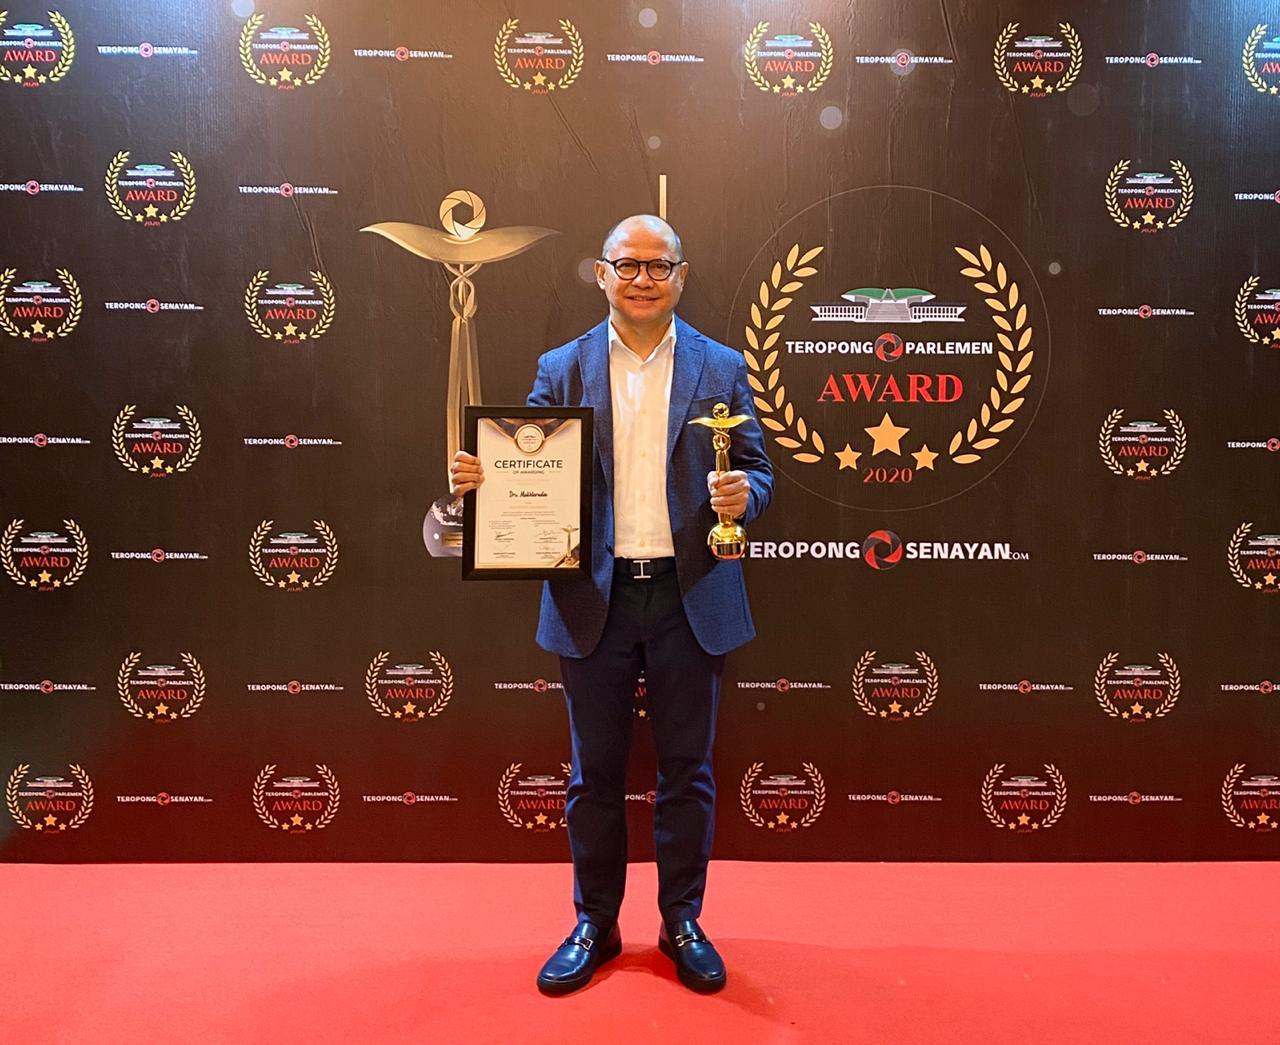 Raih Penghargaan Inspiring Journey, Mukhtarudin Ingin Jadi Motivasi Semua Anggota DPR